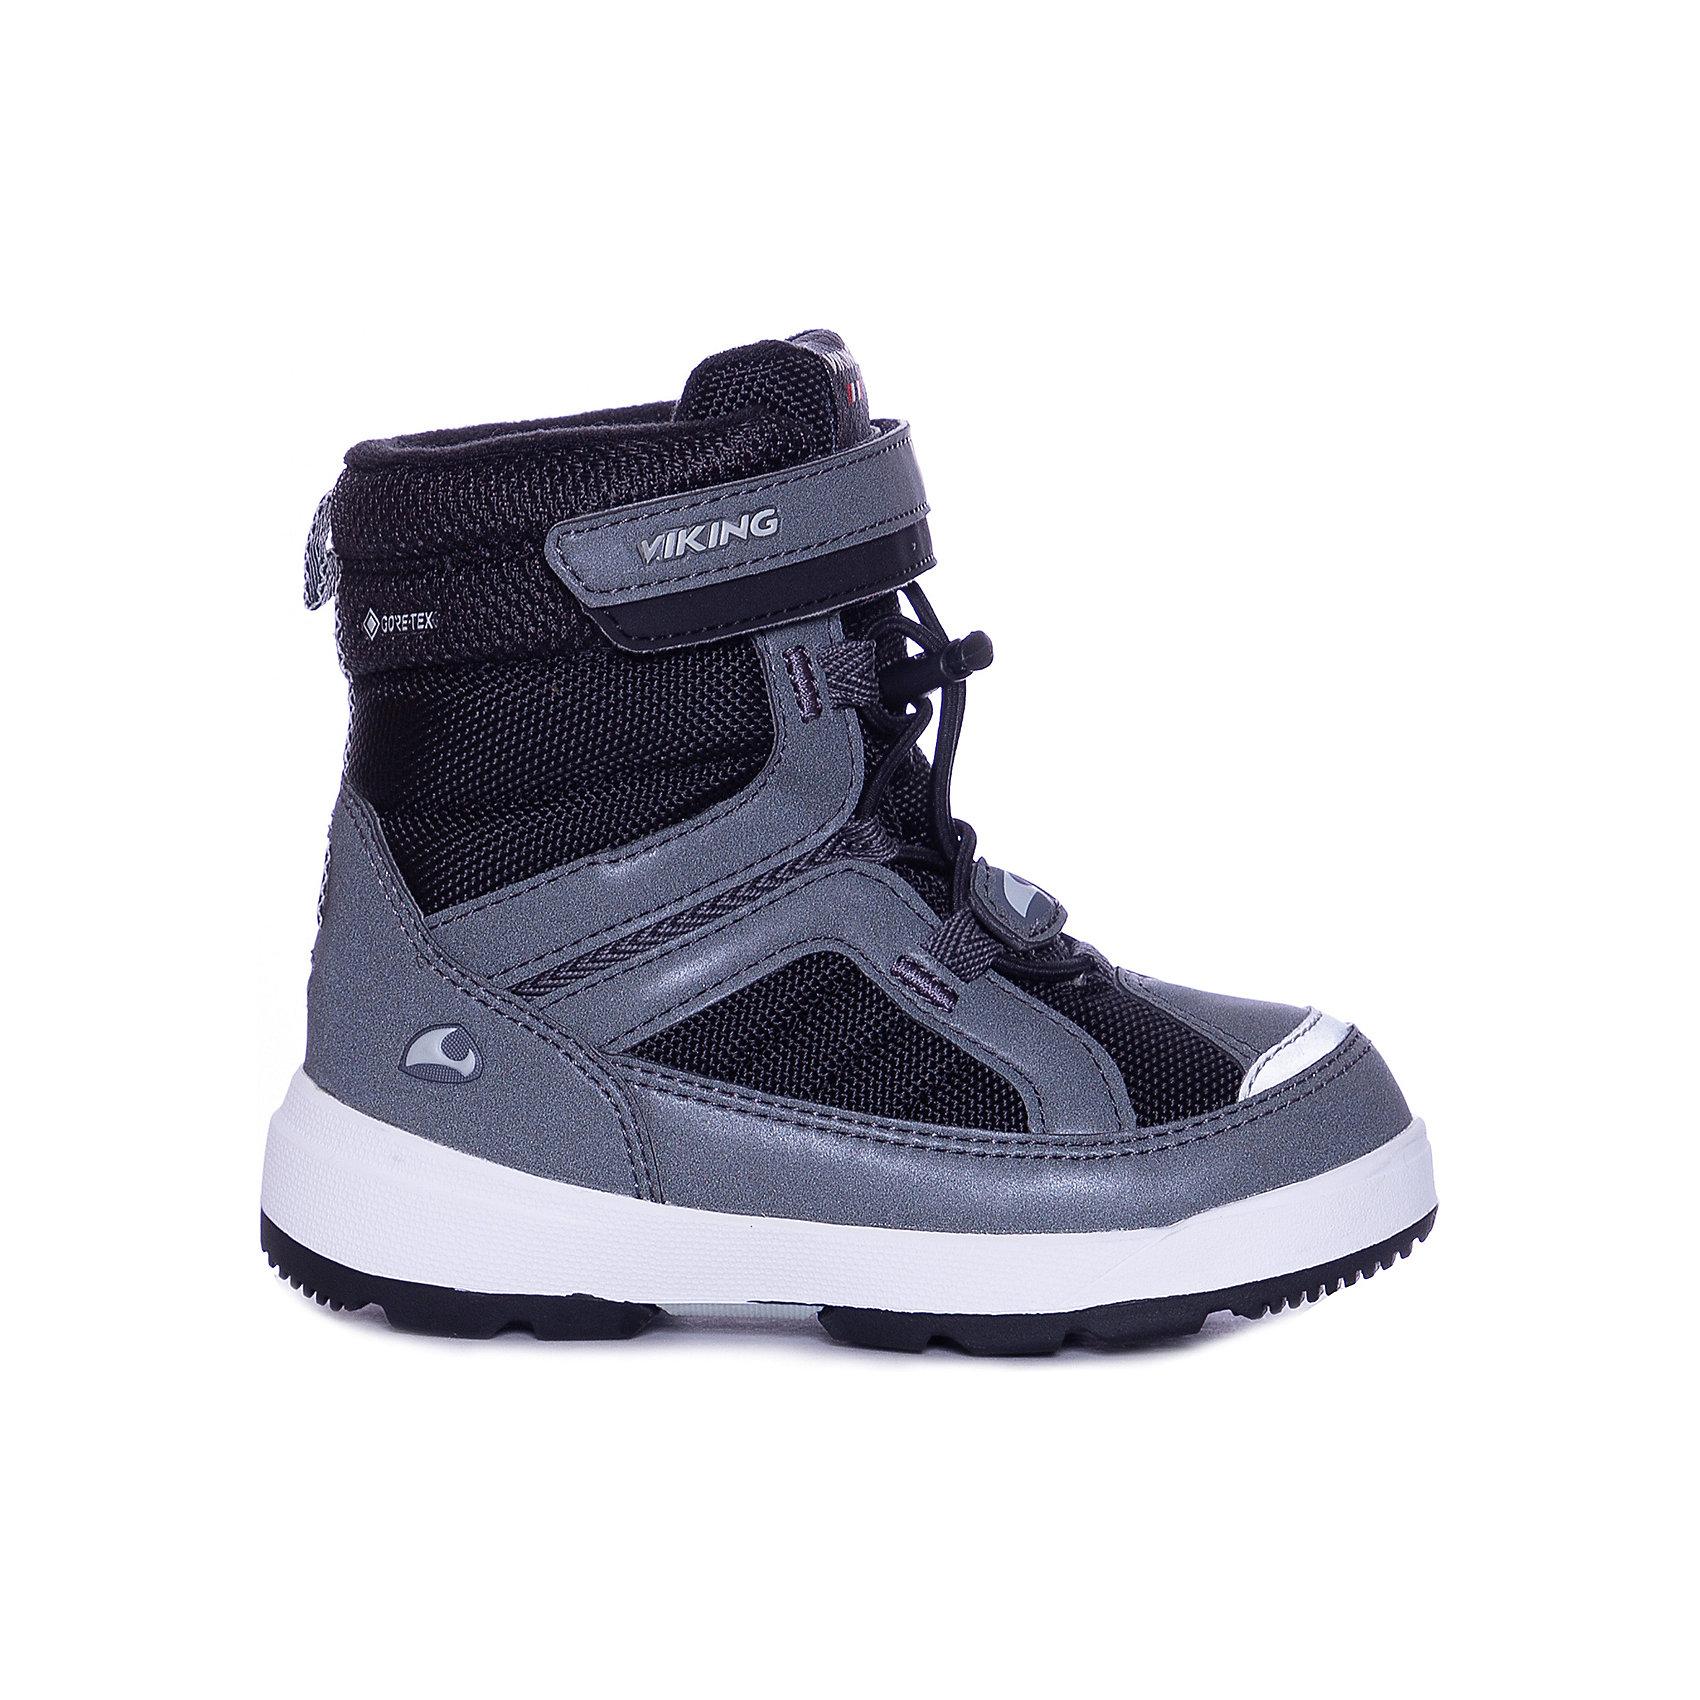 фото ботинки викинг картинки вот